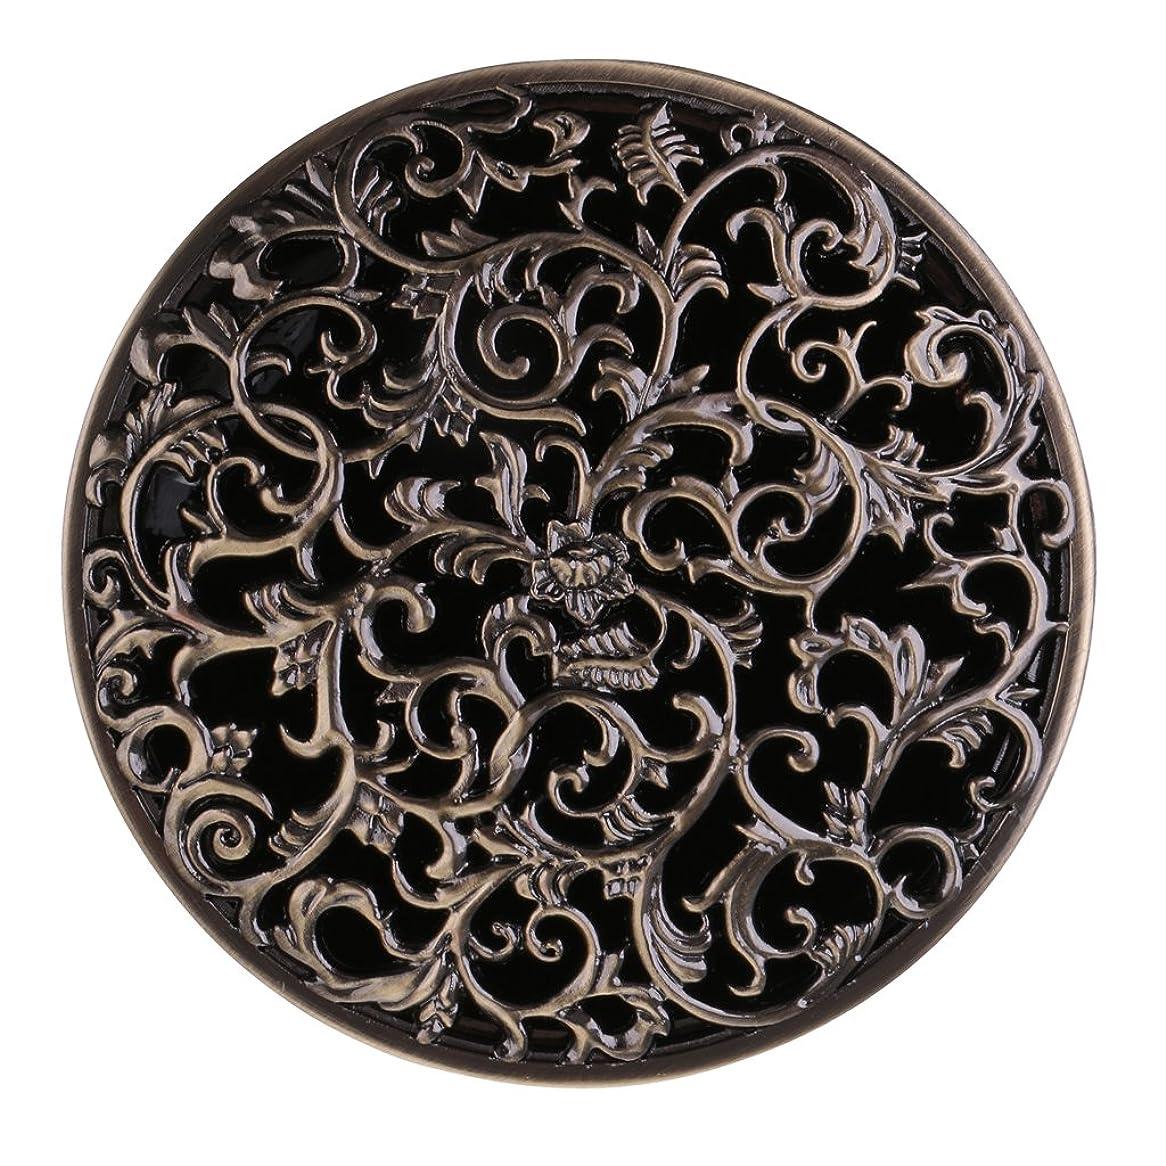 欠伸乳製品集中的なBaoblaze チベット 合金 香炉 コーンホルダー 仏教 香りバーナー ボックス 家 装飾 全3色   - ブロンズ